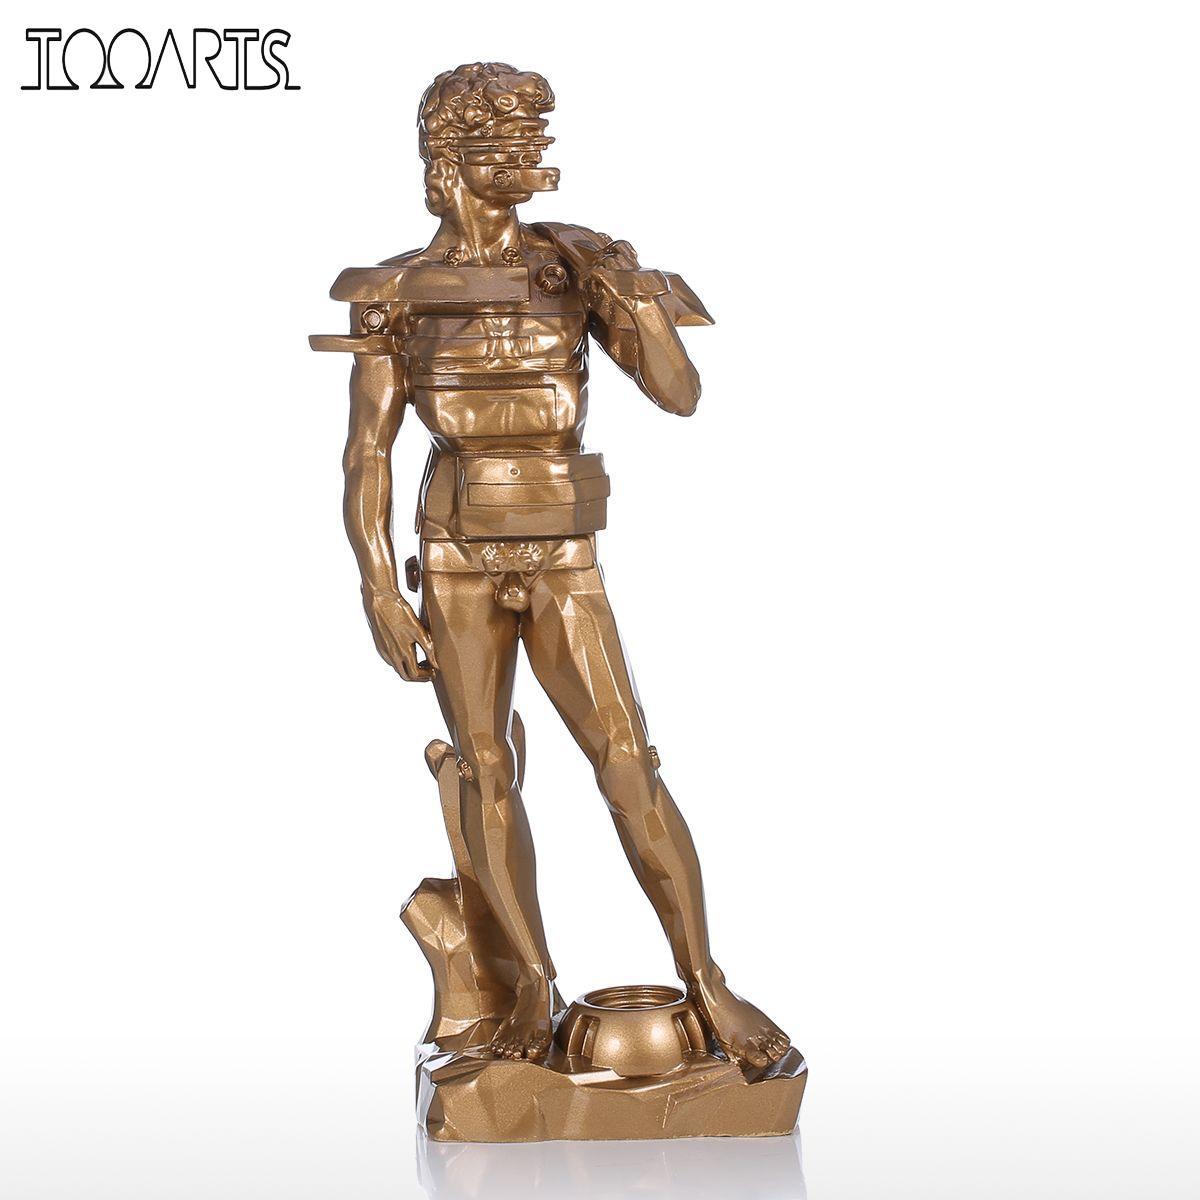 Tooarts Tomfeel David fiókos műgyanta szobor lakberendezéssel - Lakberendezés